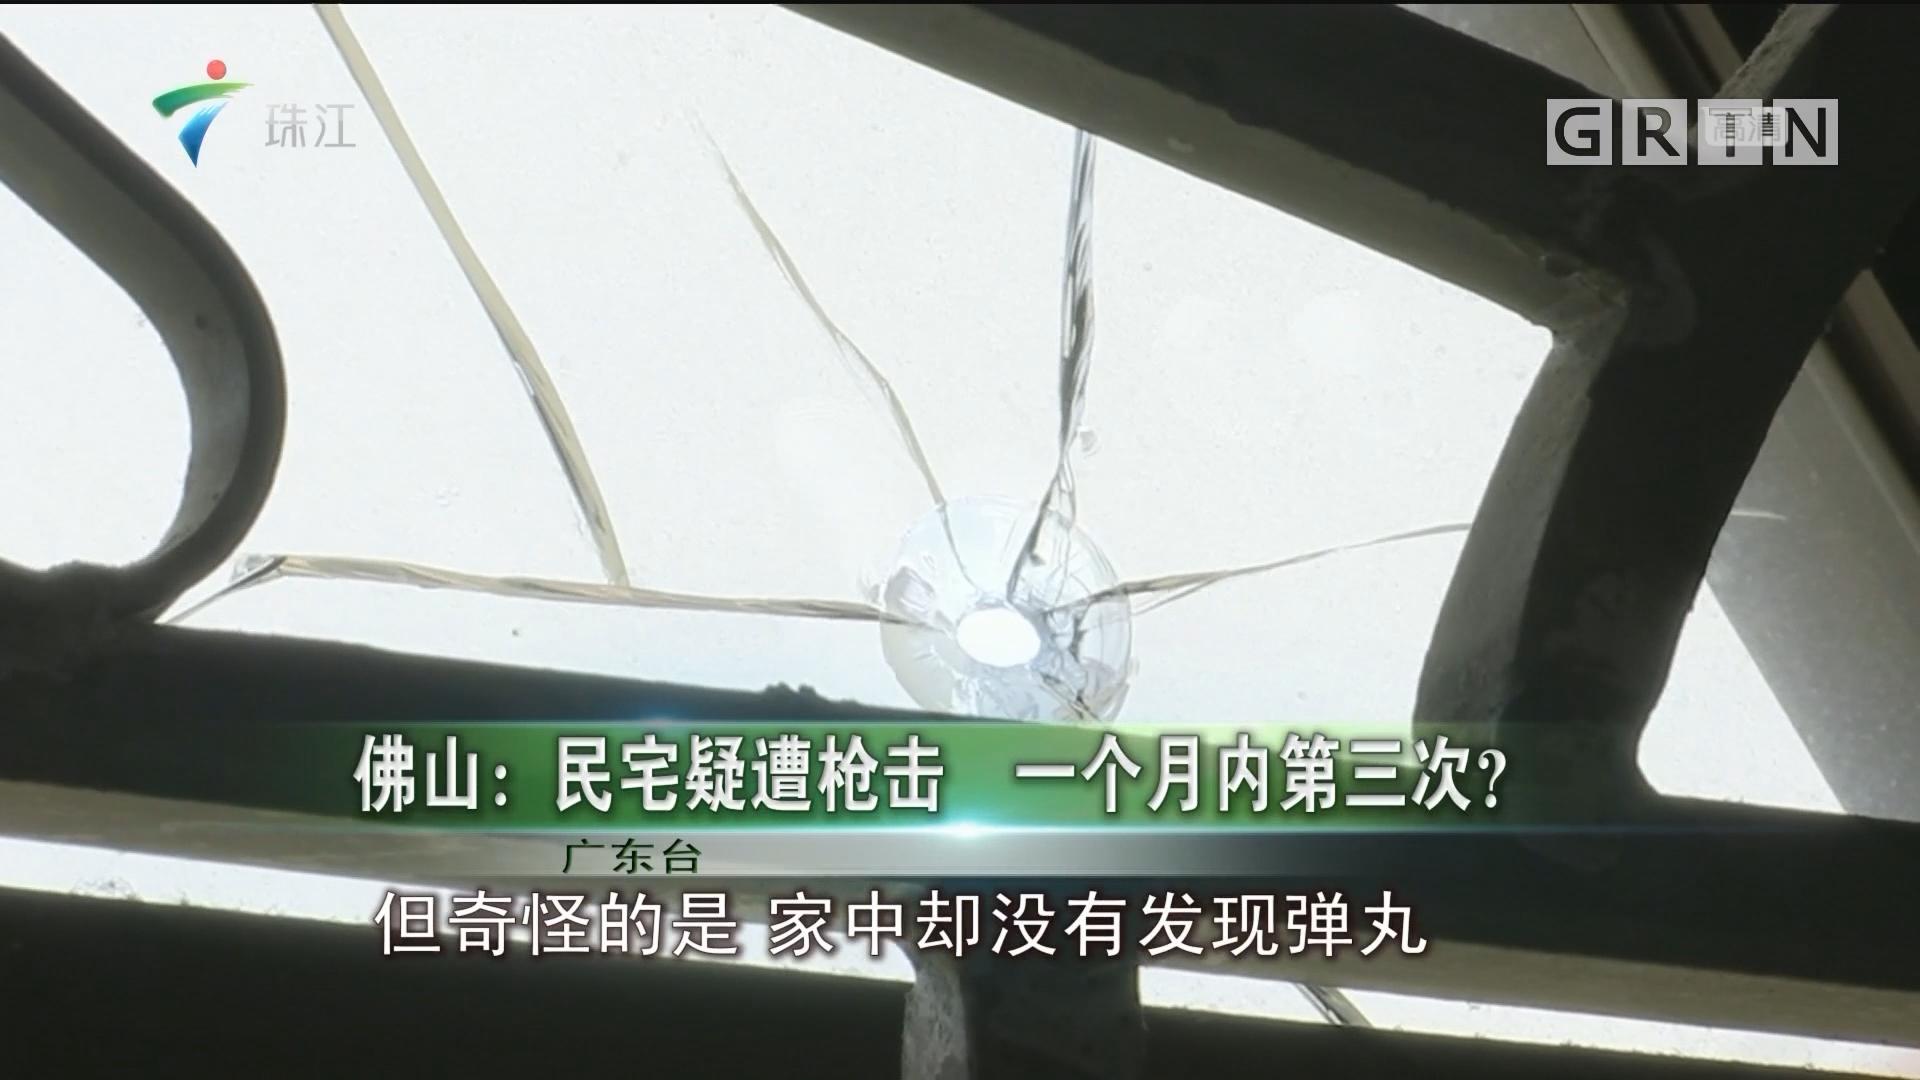 佛山:民宅疑遭枪击 一个月内第三次?